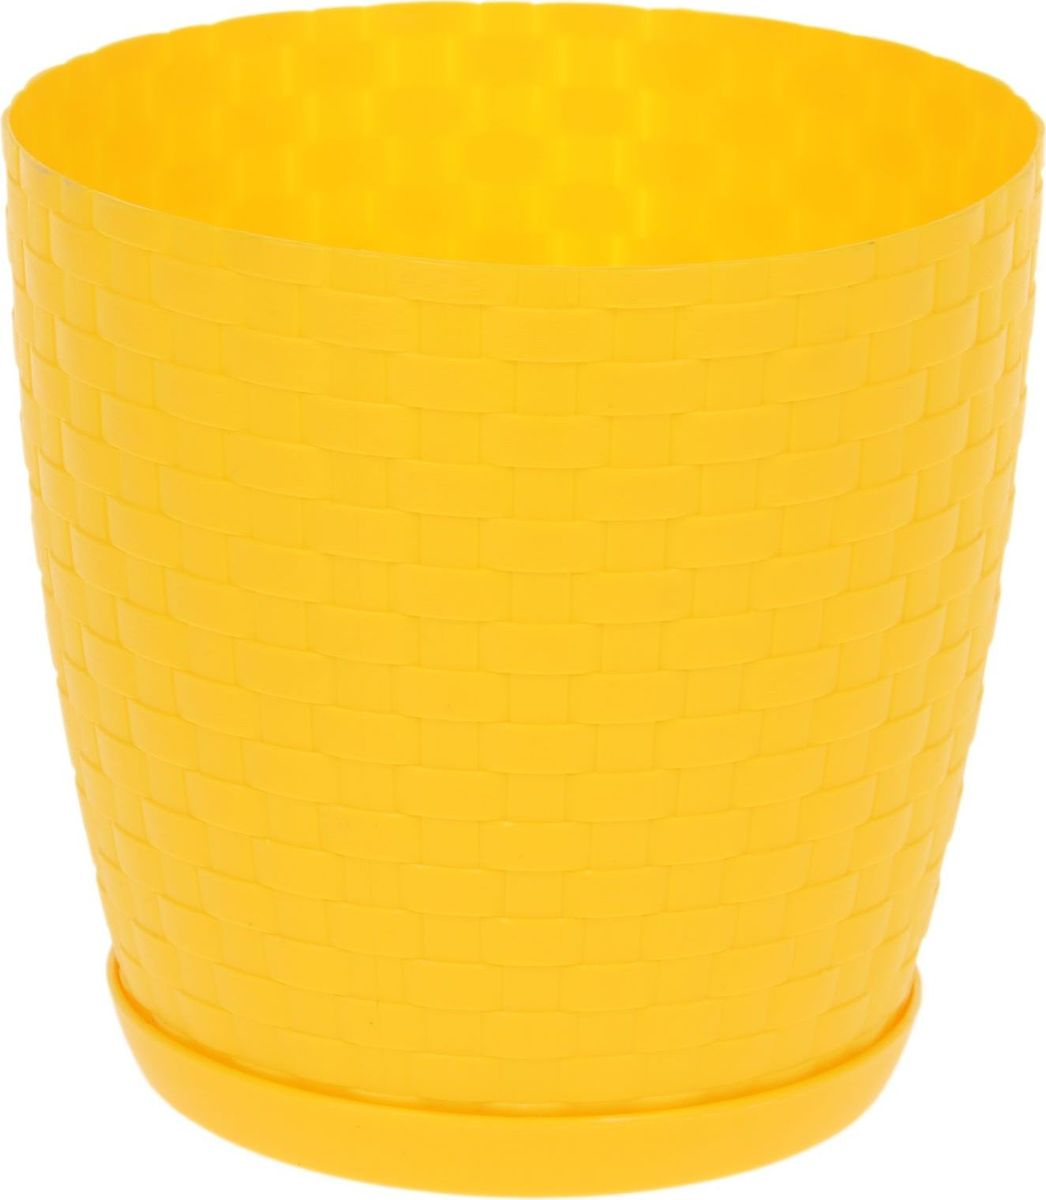 Горшок для цветов Петропласт Ротанг, с поддоном, цвет: желтый, 2 лNLED-454-9W-WЛюбой, даже самый современный и продуманный интерьер будет не завершённым без растений. Они не только очищают воздух и насыщают его кислородом, но и заметно украшают окружающее пространство. Такому полезному члену семьи просто необходимо красивое и функциональное кашпо, оригинальный горшок или необычная ваза! Мы предлагаем - Горшок для цветов 2 л с поддоном Ротанг, цвет желтый! Оптимальный выбор материала пластмасса! Почему мы так считаем? -Малый вес. С лёгкостью переносите горшки и кашпо с места на место, ставьте их на столики или полки, подвешивайте под потолок, не беспокоясь о нагрузке. -Простота ухода. Пластиковые изделия не нуждаются в специальных условиях хранения. Их легко чистить достаточно просто сполоснуть тёплой водой. -Никаких царапин. Пластиковые кашпо не царапают и не загрязняют поверхности, на которых стоят. -Пластик дольше хранит влагу, а значит растение реже нуждается в поливе. -Пластмасса не пропускает воздух корневой системе растения не грозят резкие перепады температур. -Огромный выбор форм, декора и расцветок вы без труда подберёте что-то, что идеально впишется в уже существующий интерьер. Соблюдая нехитрые правила ухода, вы можете заметно продлить срок службы горшков, вазонов и кашпо из пластика: -всегда учитывайте размер кроны и корневой системы растения (при разрастании большое растение способно повредить маленький горшок)-берегите изделие от воздействия прямых солнечных лучей, чтобы кашпо и горшки не выцветали-держите кашпо и горшки из пластика подальше от нагревающихся поверхностей. Создавайте прекрасные цветочные композиции, выращивайте рассаду или необычные растения, а низкие цены позволят вам не ограничивать себя в выборе.